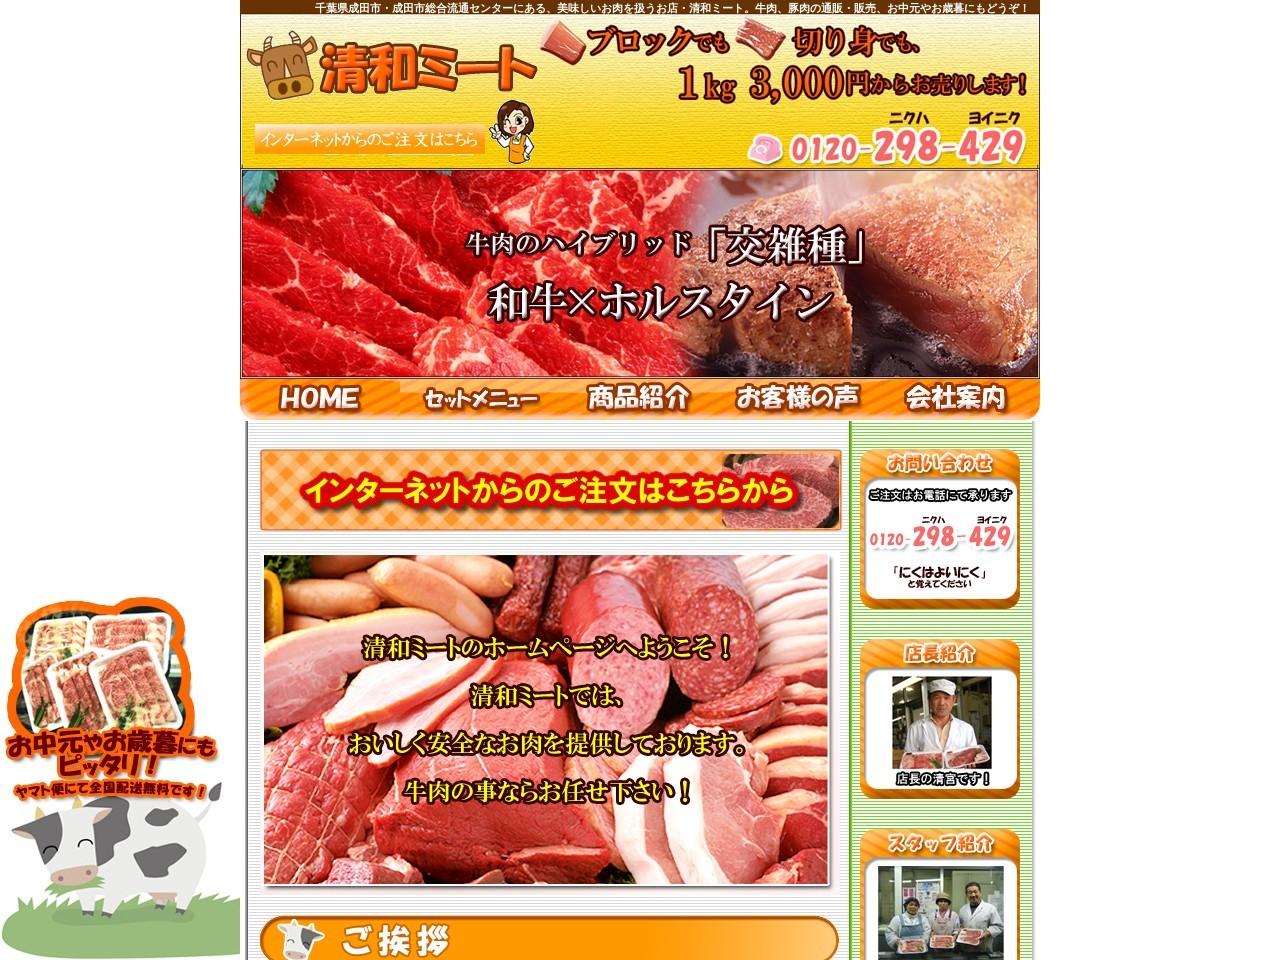 おいしい牛肉!清和ミート・トップ|千葉県成田市総合流通センターにあるお肉屋さん・清和ミート